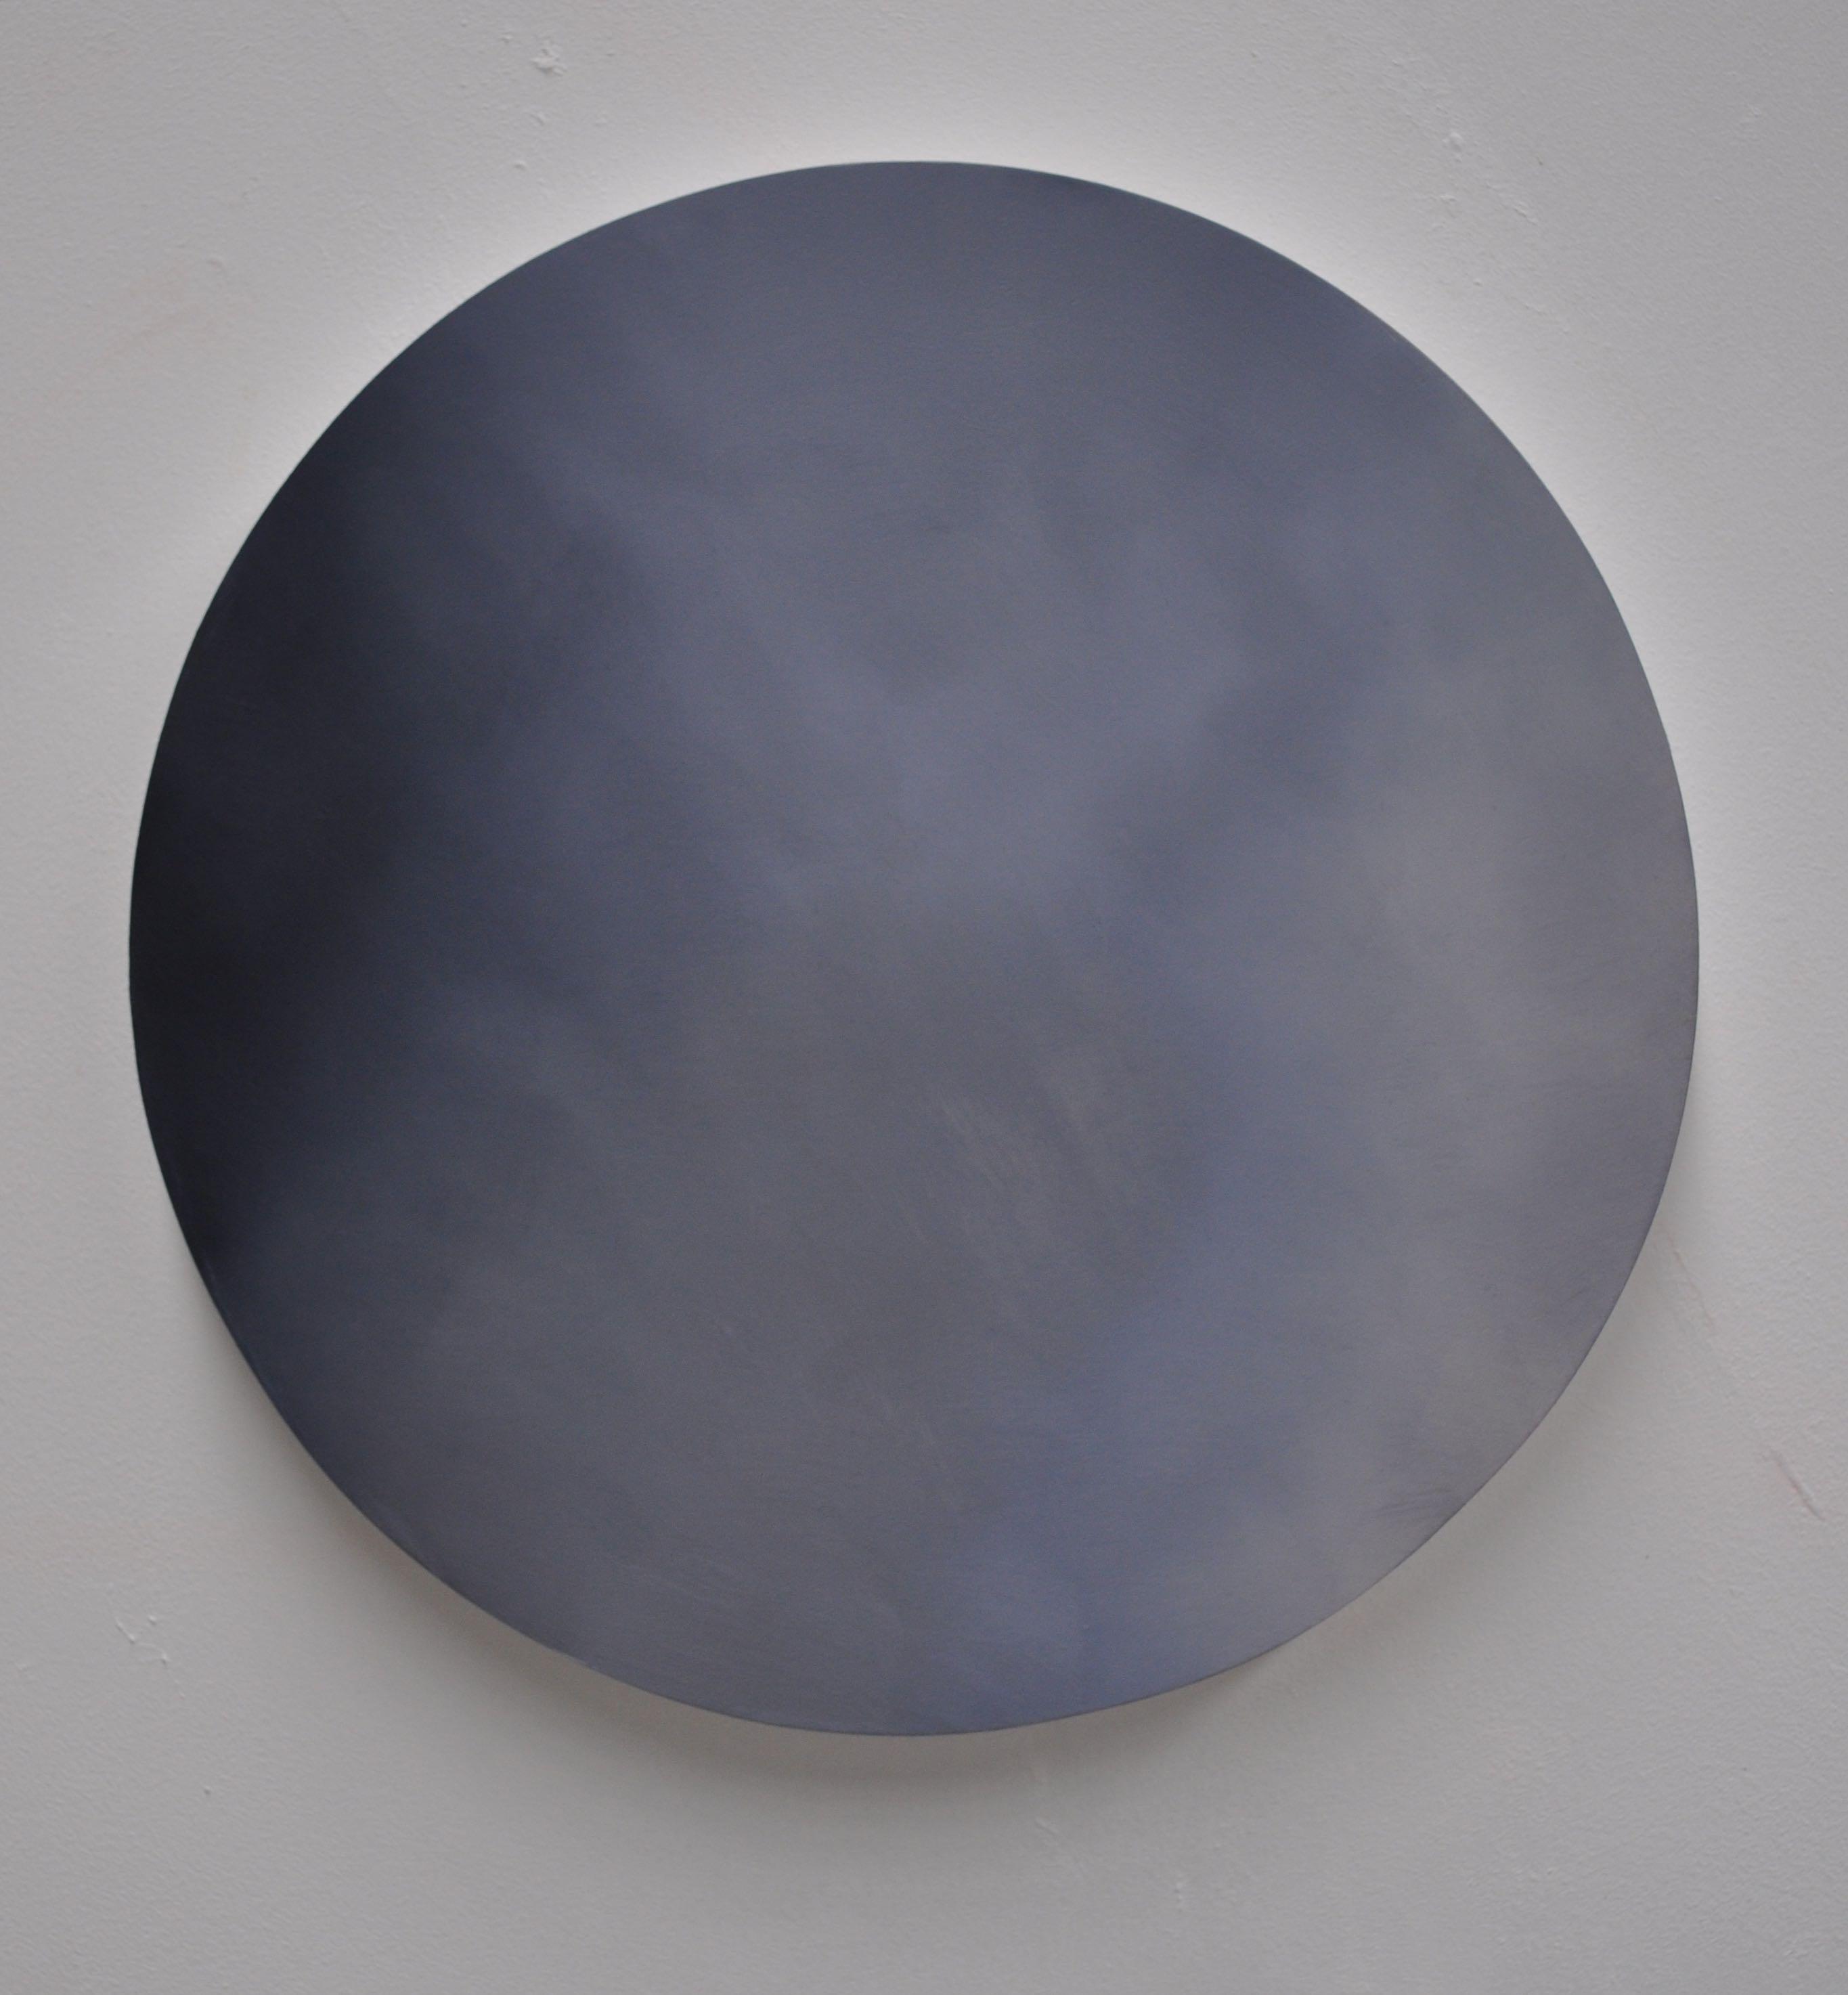 Medium Dot 01 Reverie 30cm diameter Oil on Board 2015